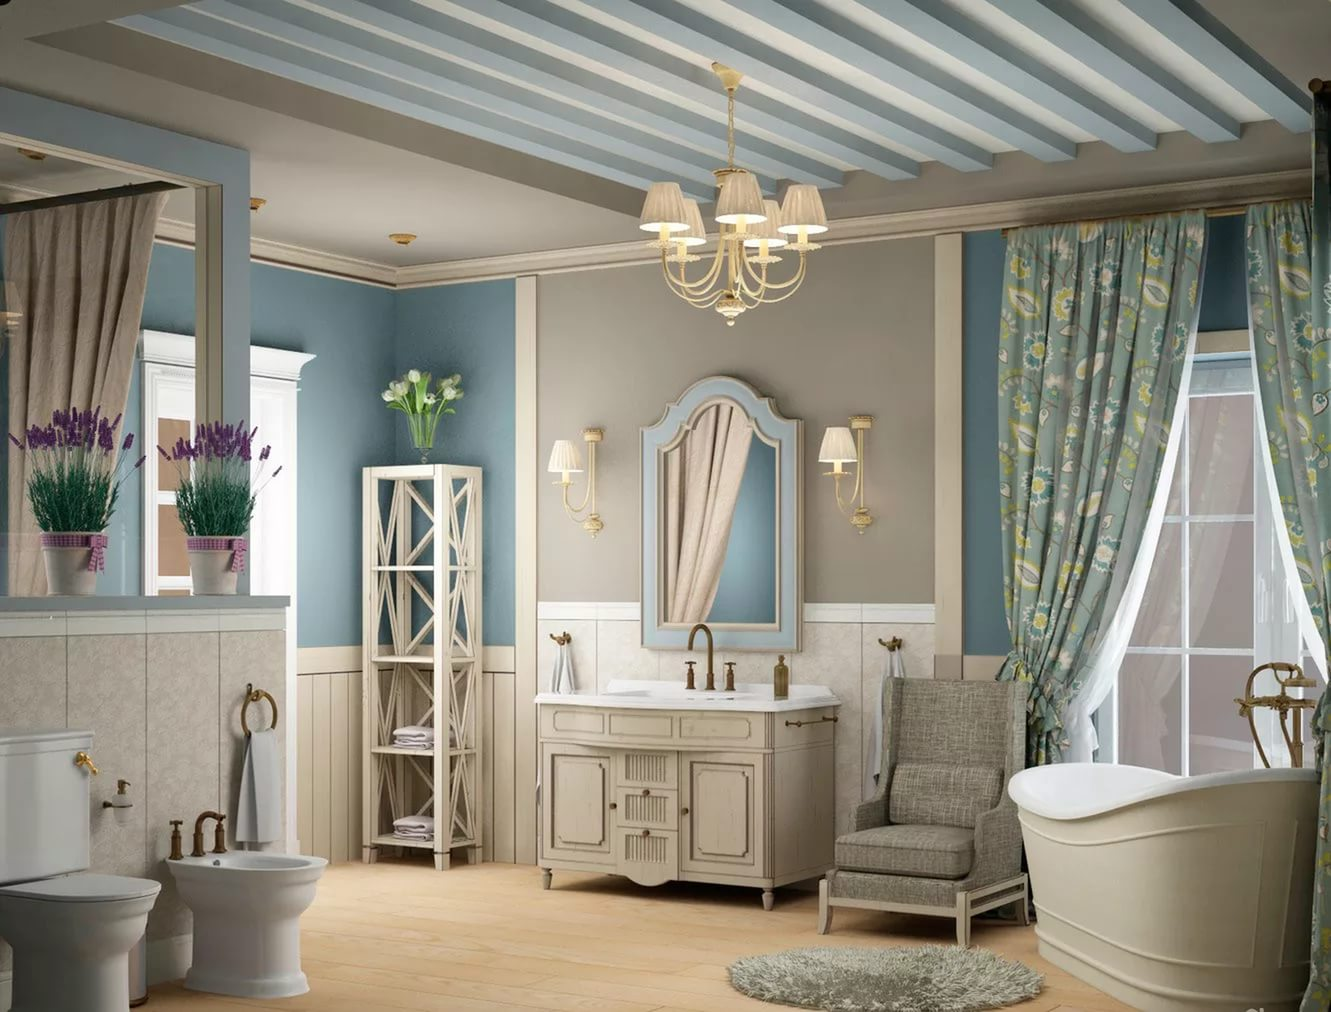 Ванная в стиле прованс - спокойствие и постоянство